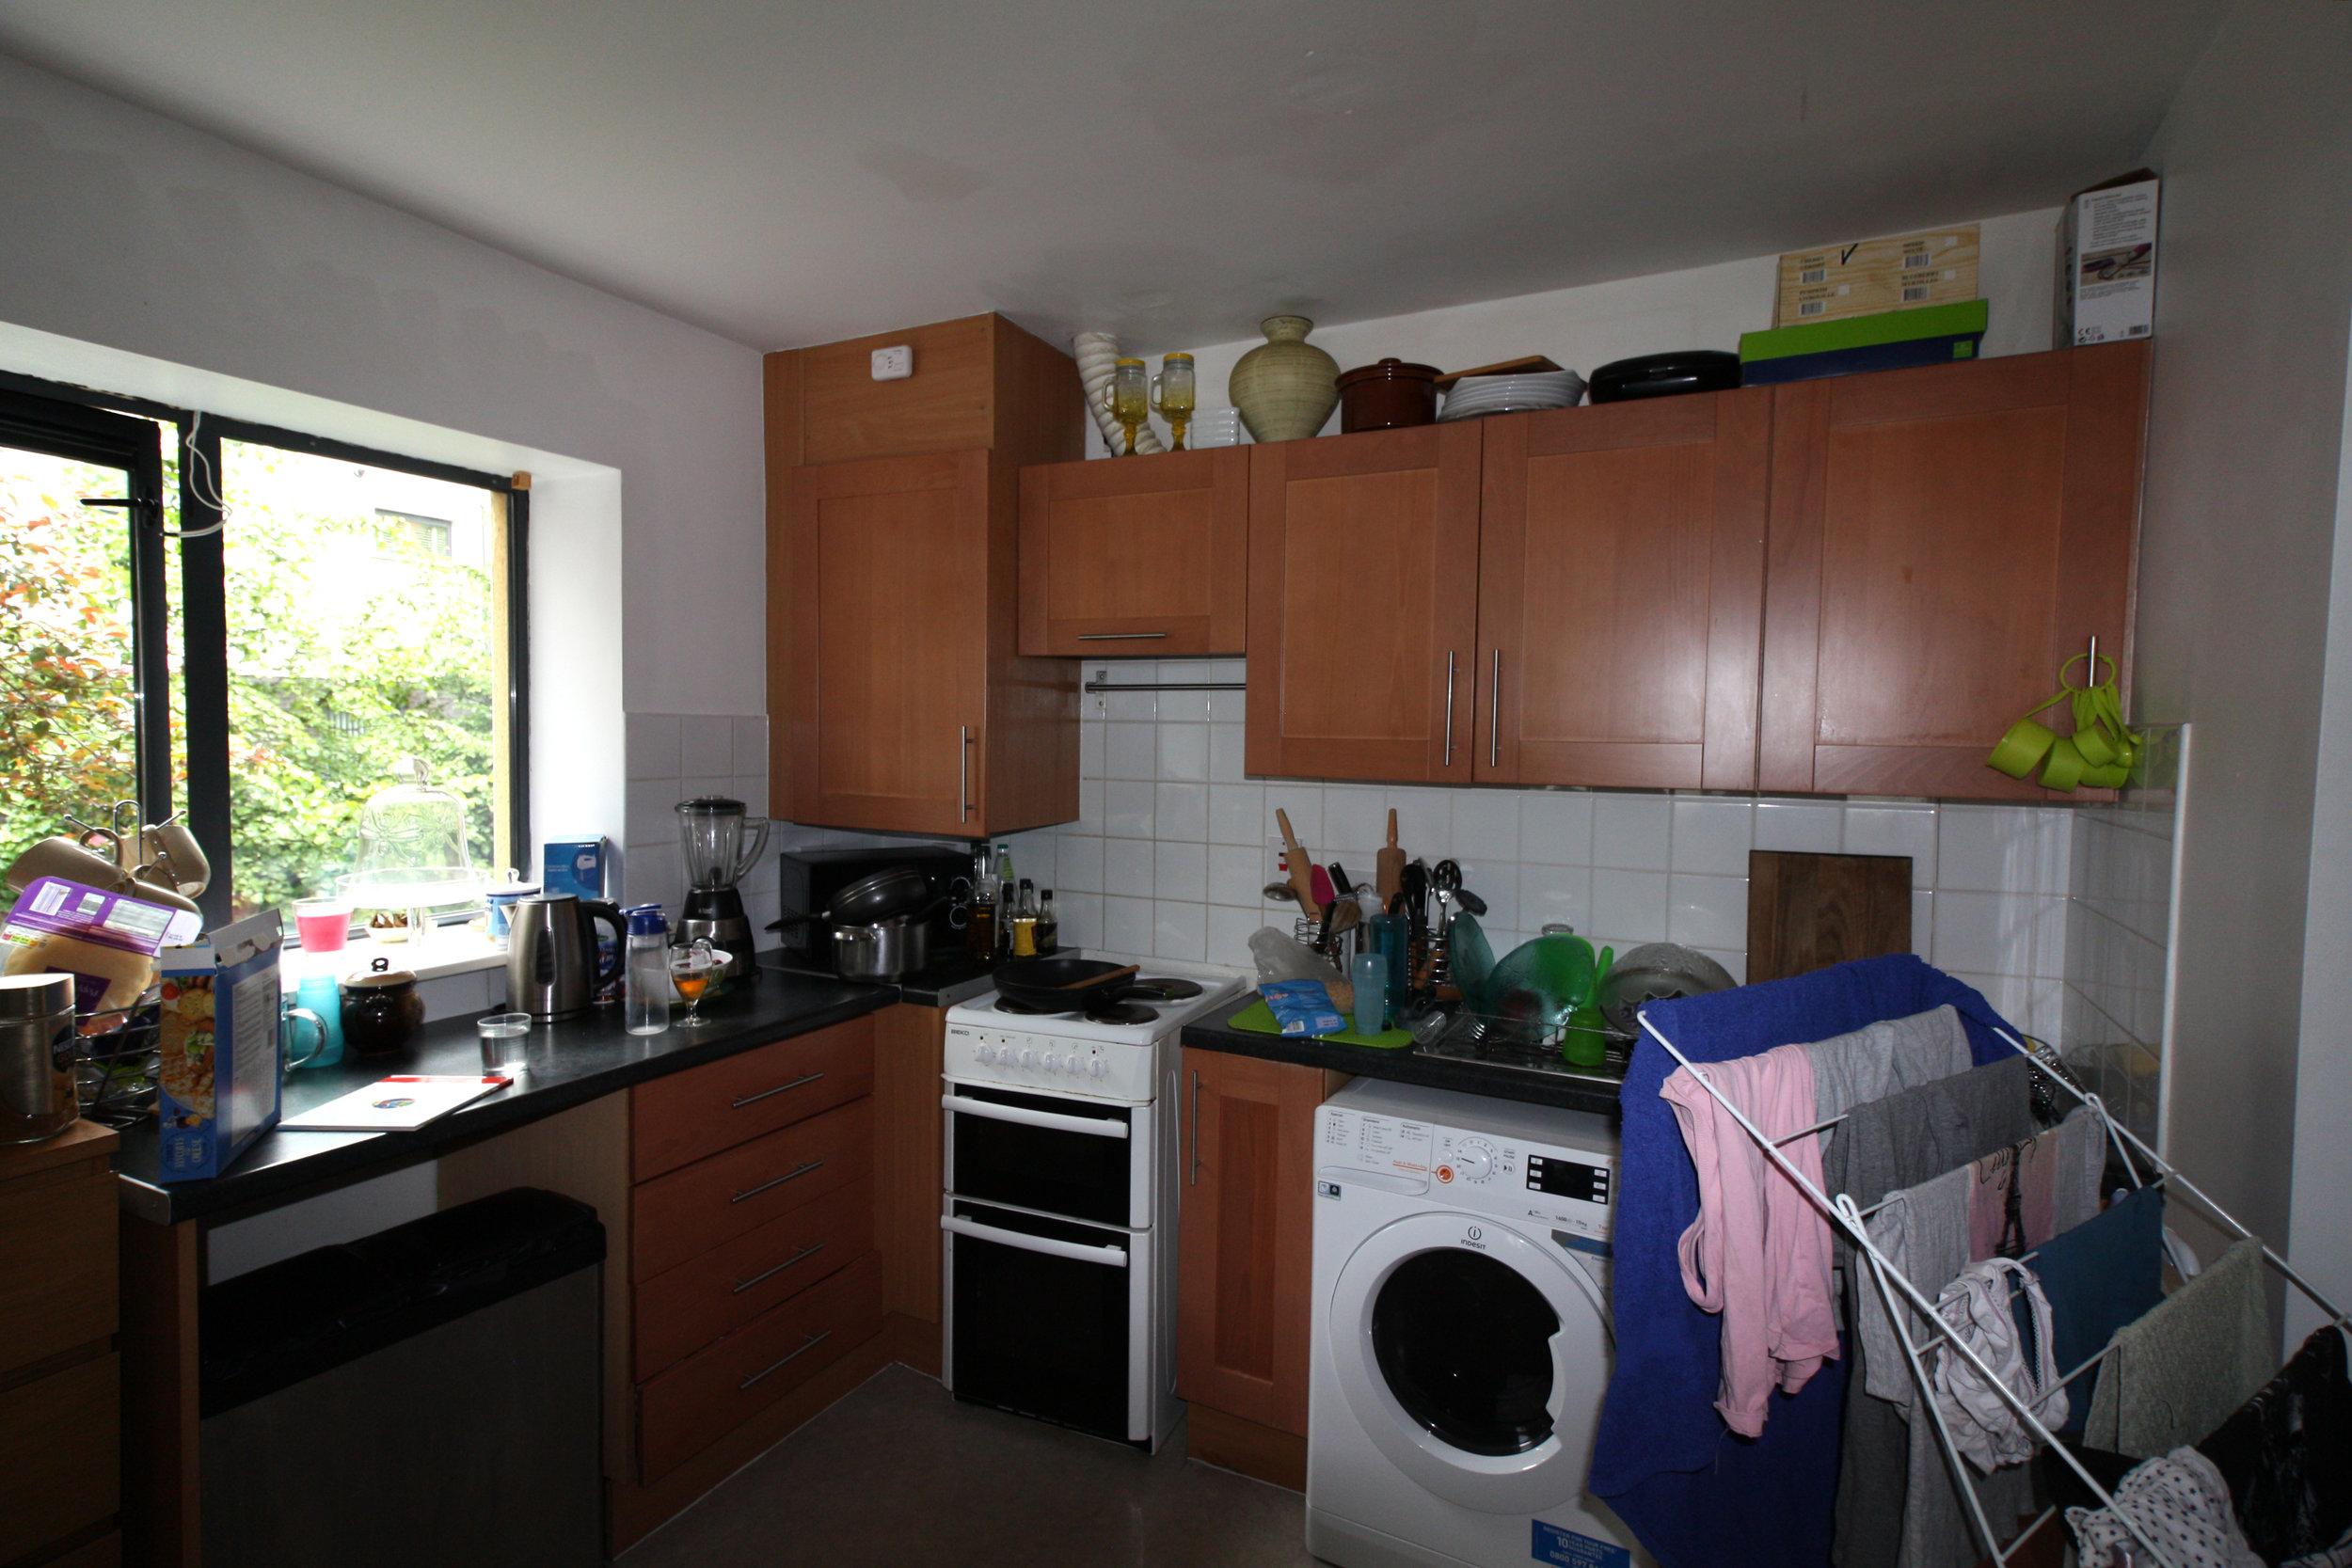 HR - Dublin 1 - Before - Living Room Kitchen 3.jpg